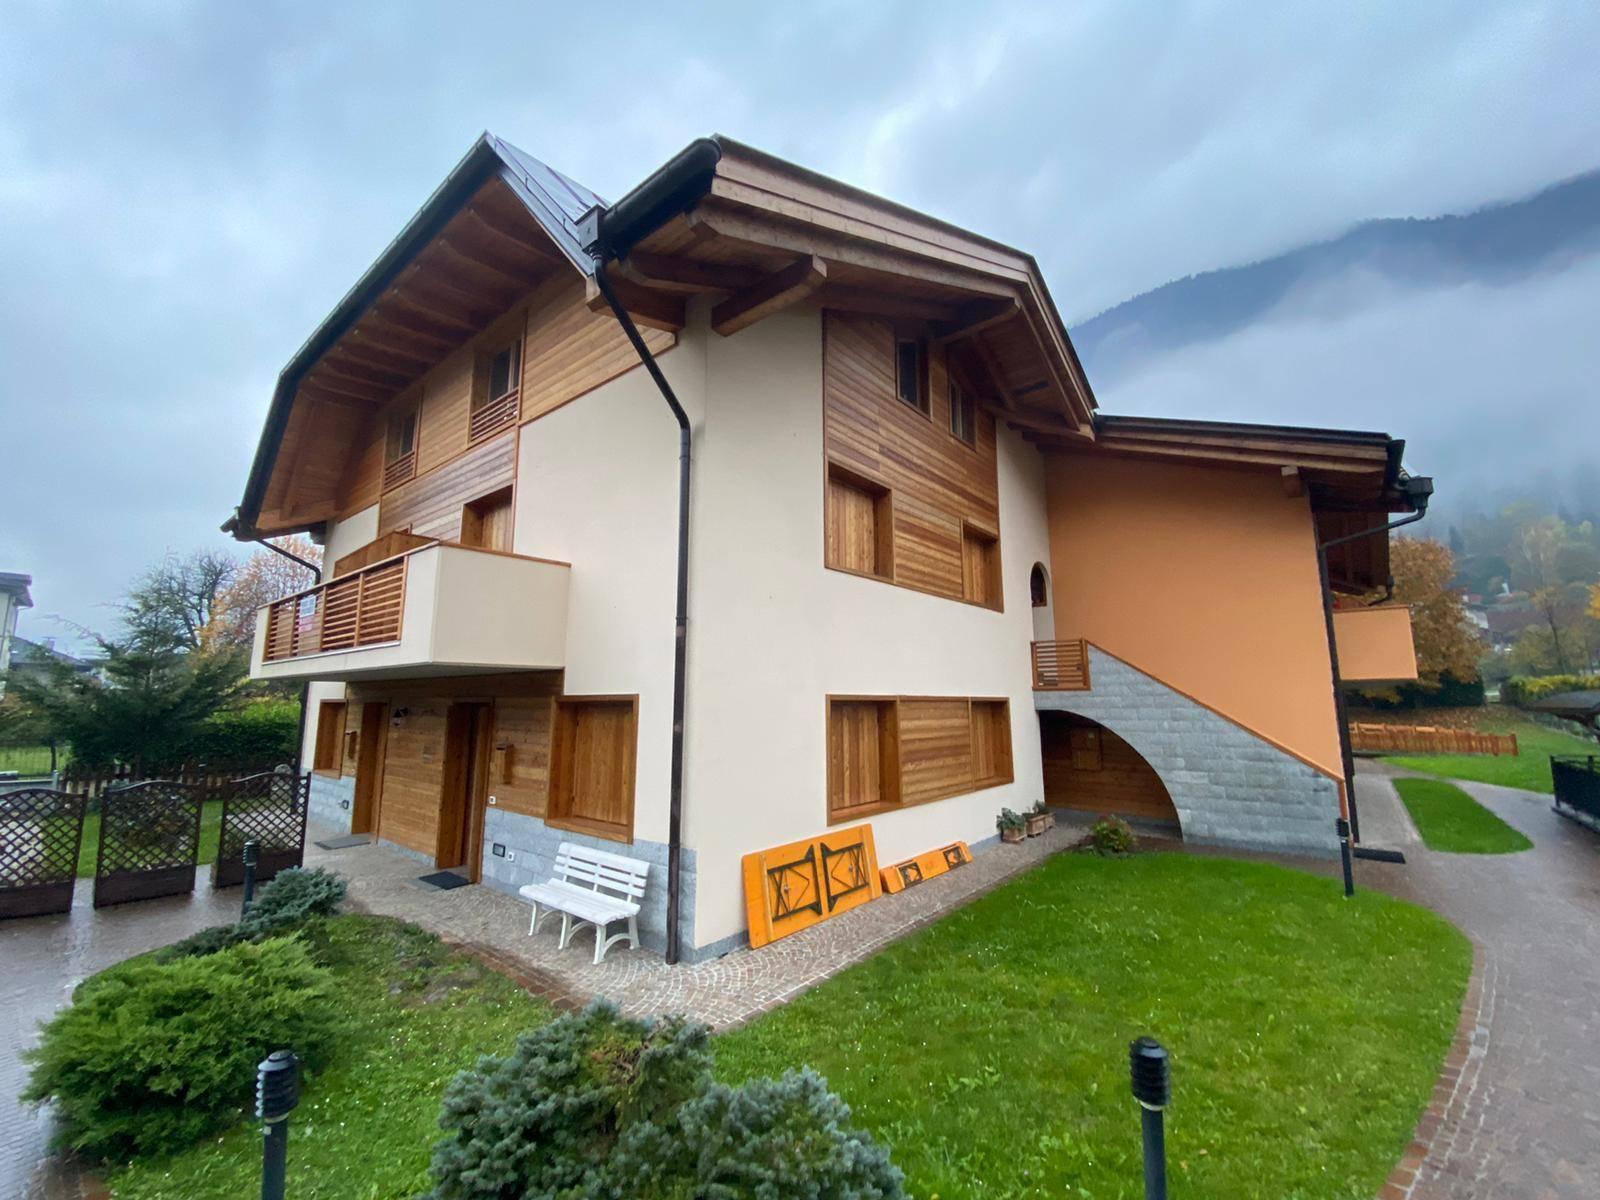 Ufficio / Studio in vendita a Spiazzo, 9999 locali, zona Zona: Mortaso, prezzo € 145.000 | CambioCasa.it